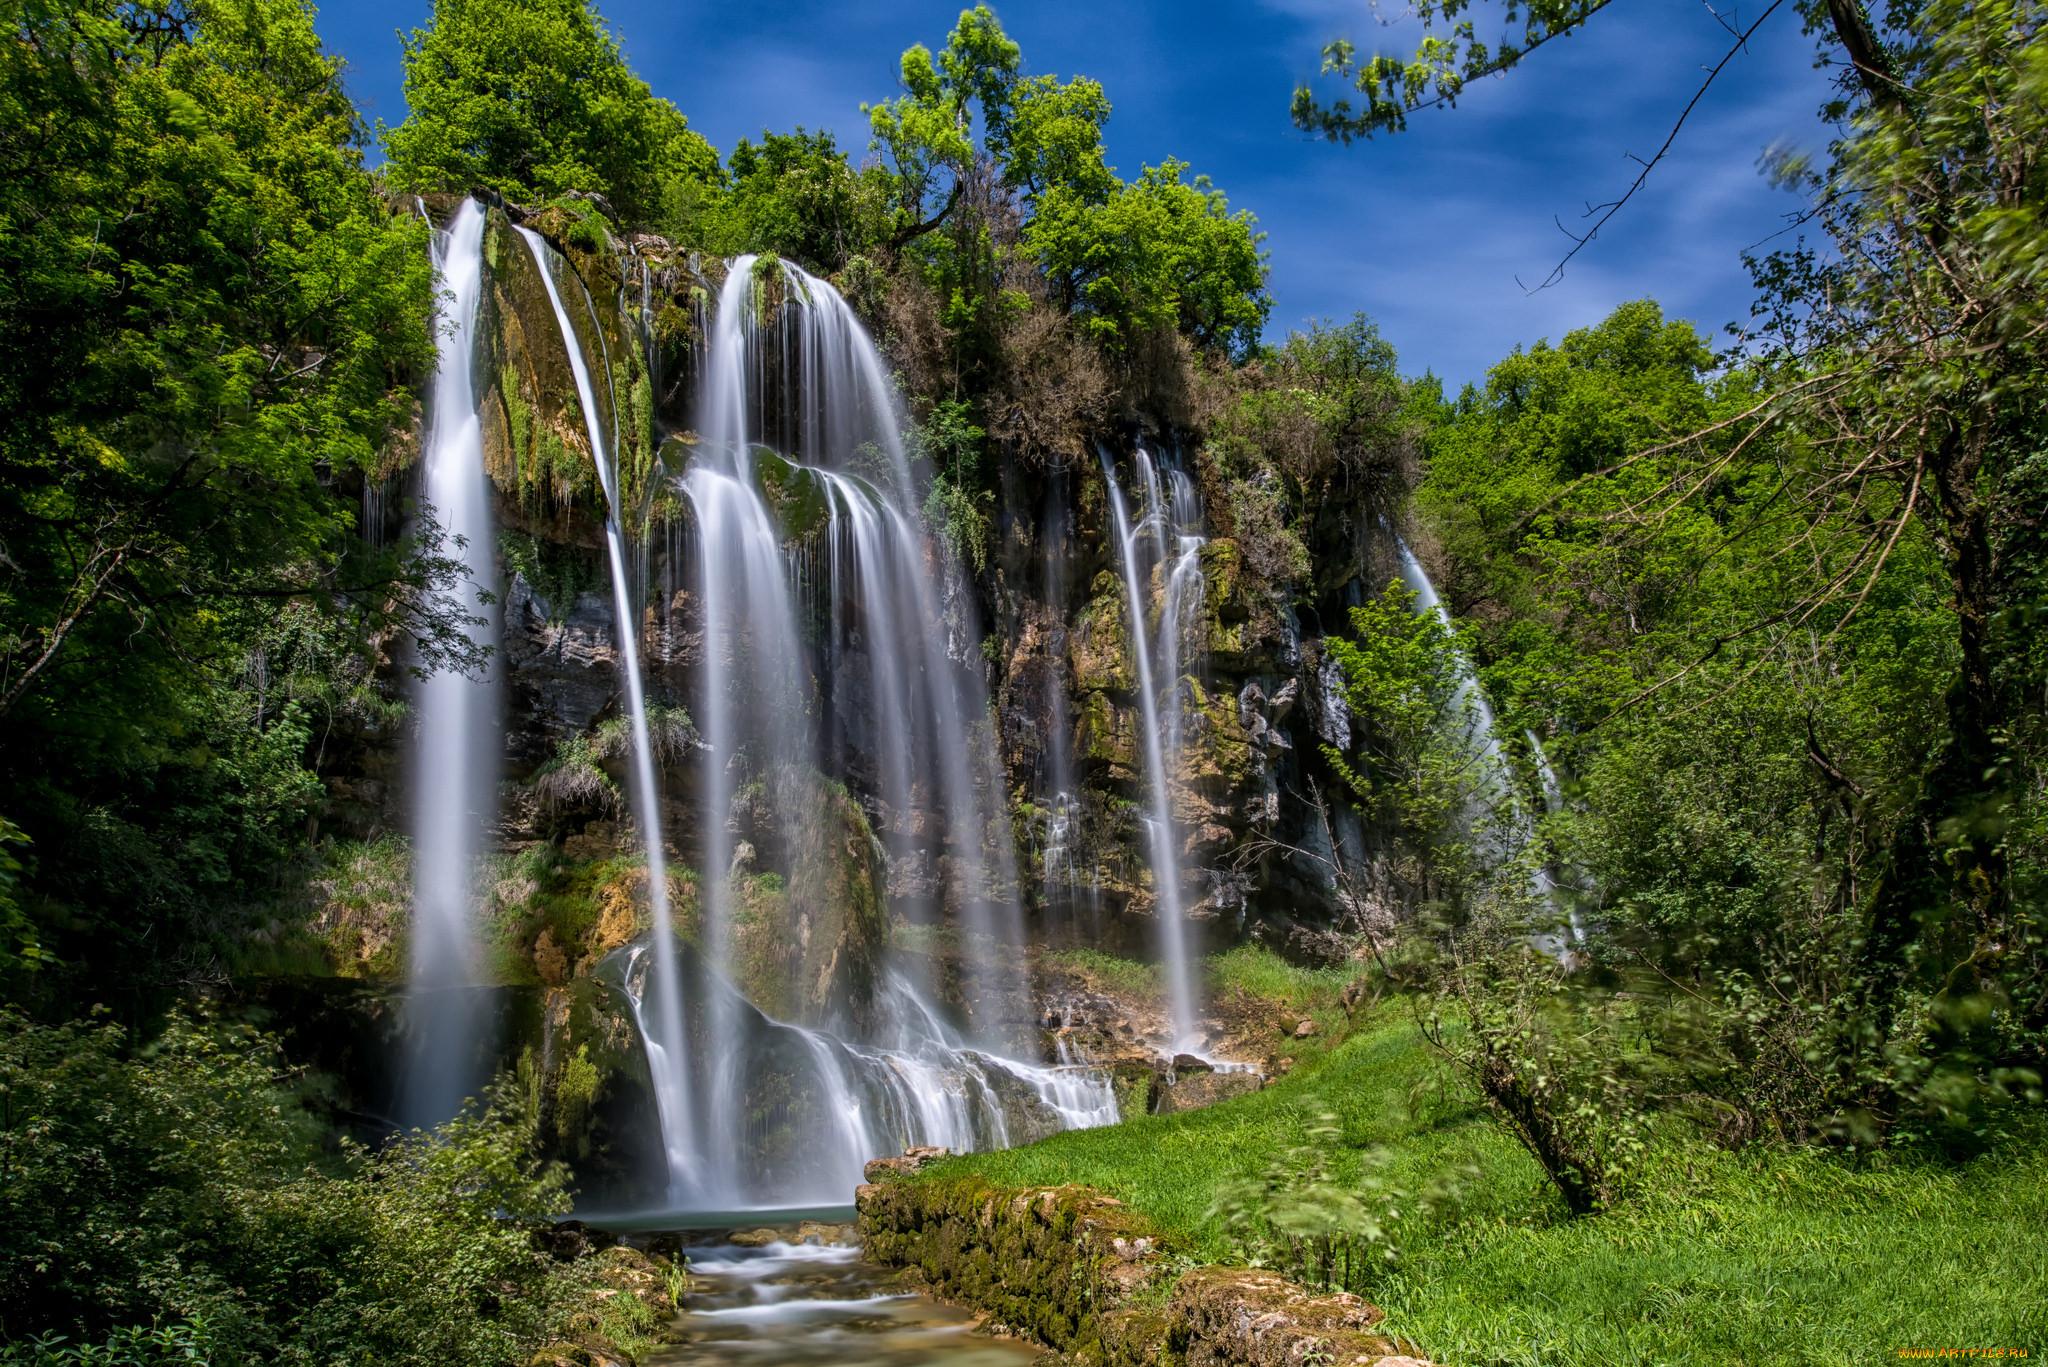 Картинка с природой и водопадом